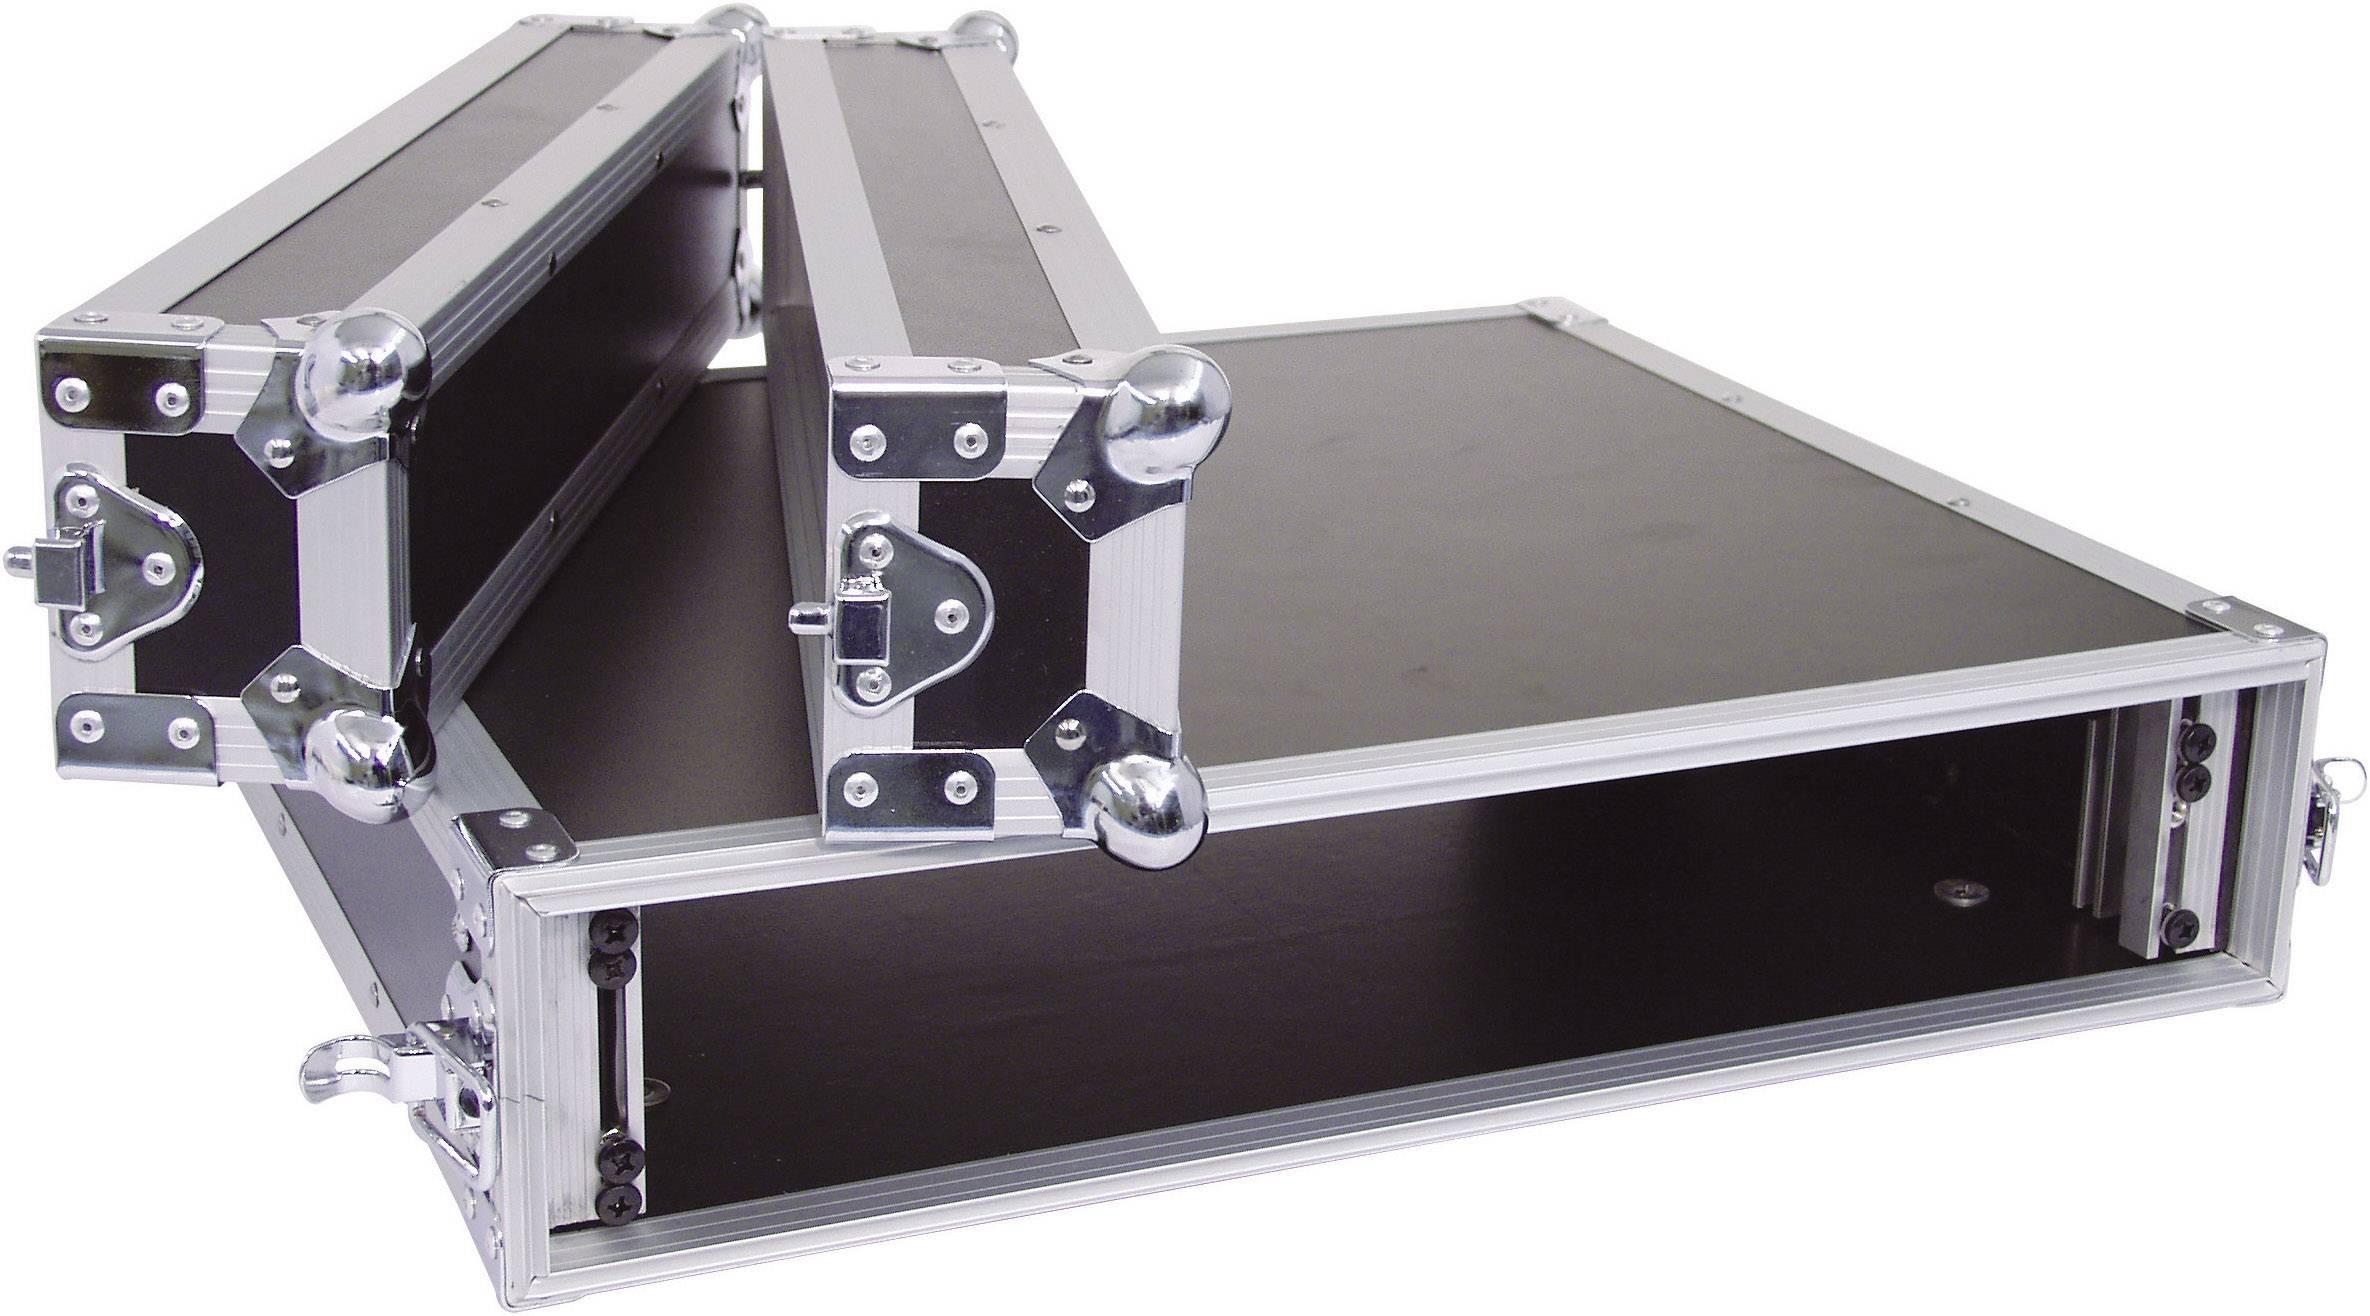 19-palcový rack na zosilňovače 30109782 2 U, drevo